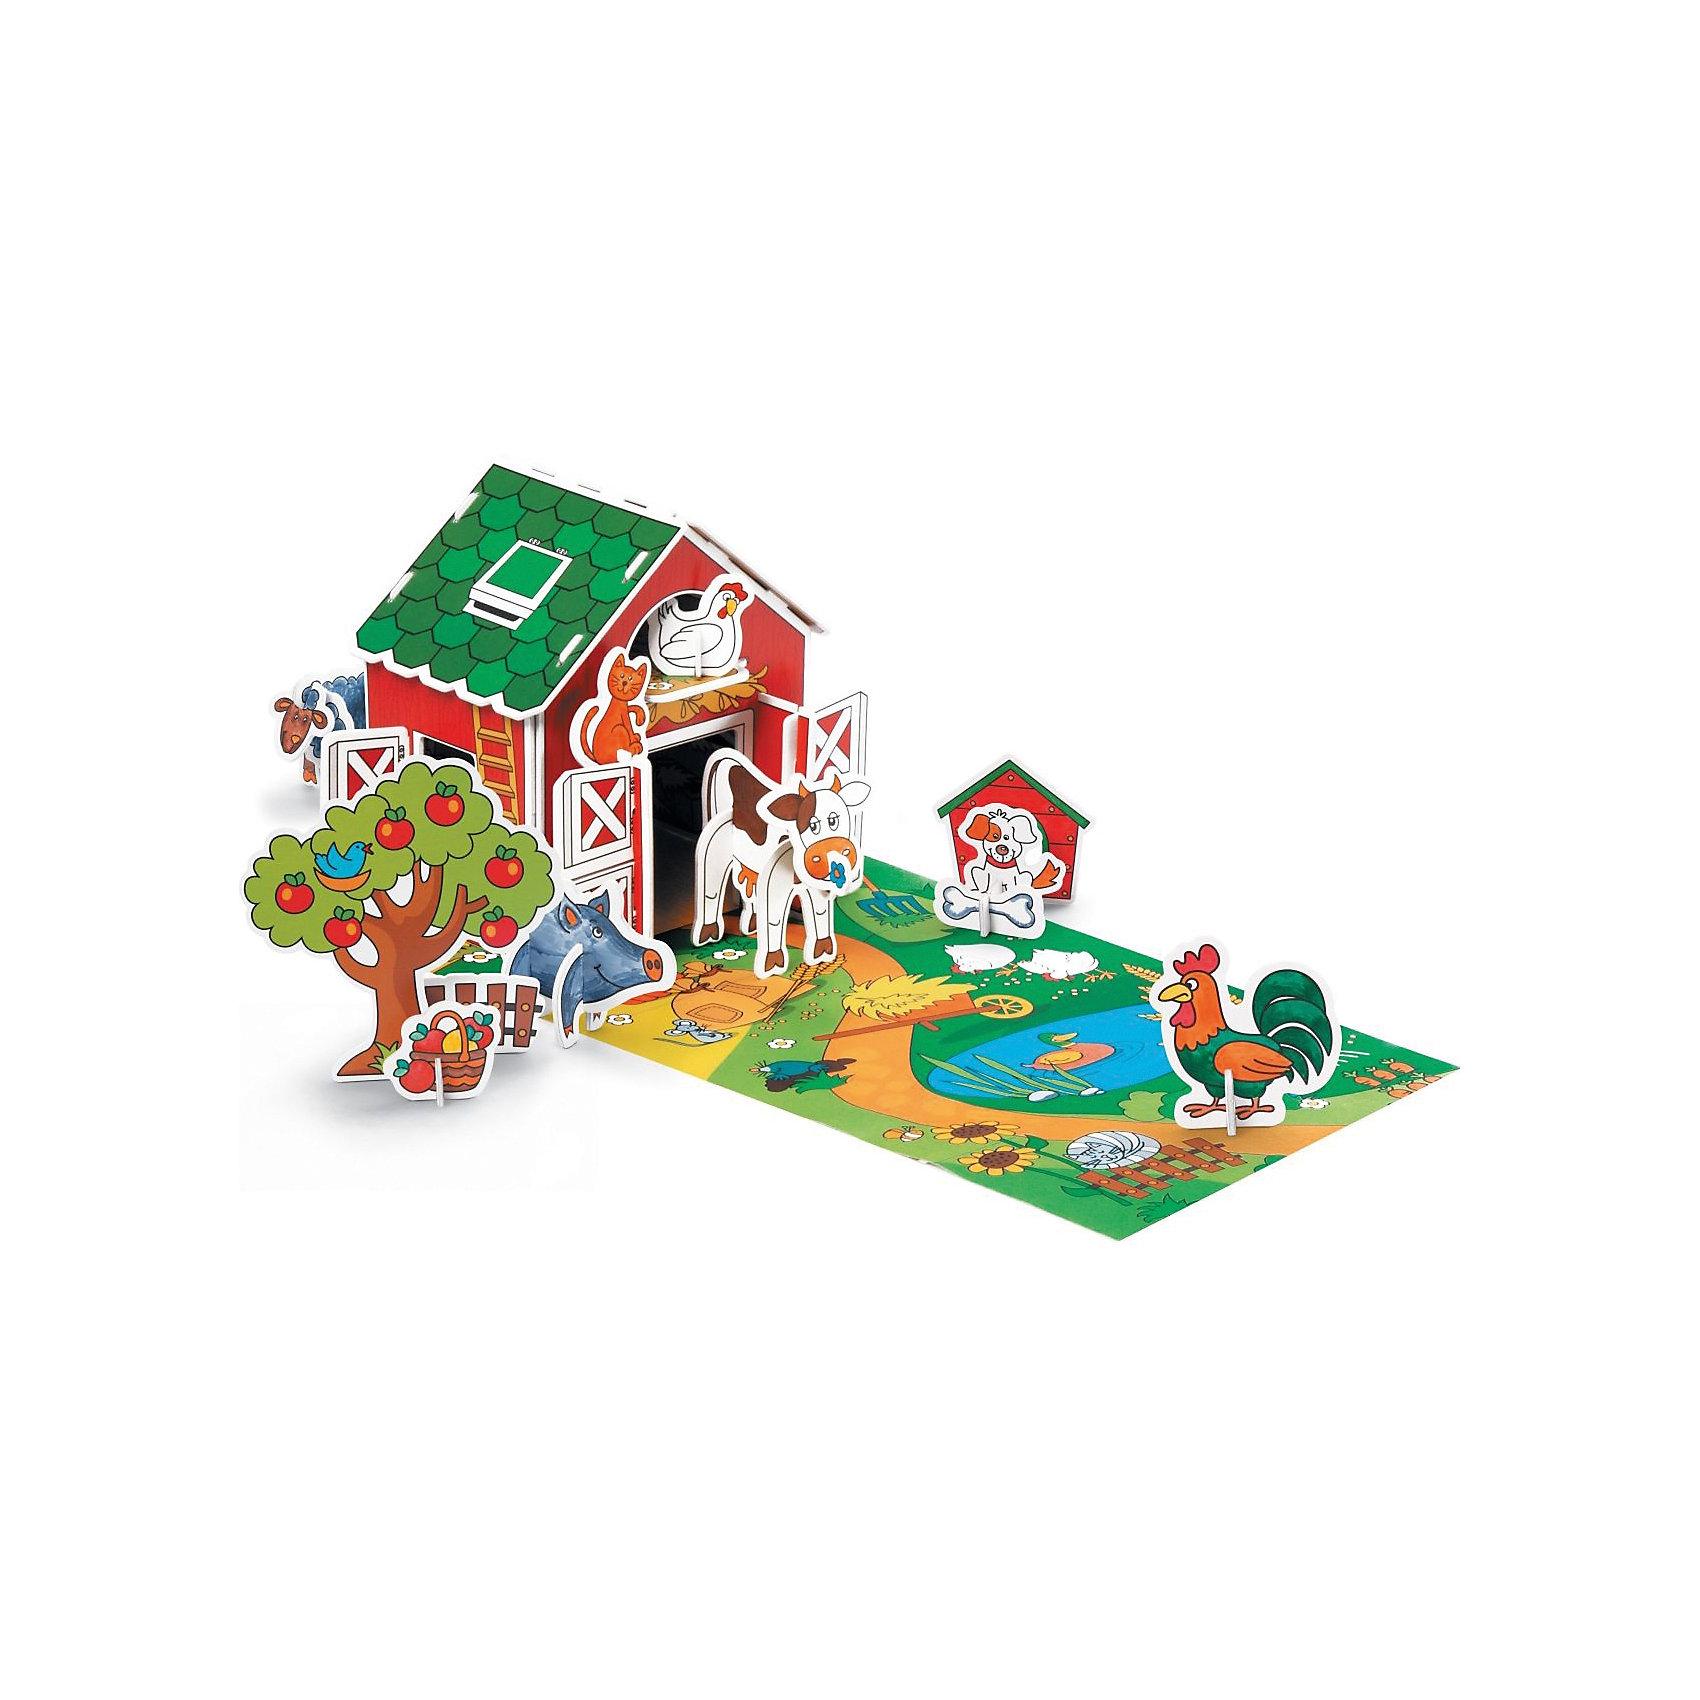 3D Раскраска Животные в деревне, ArtberryРисование<br>Большой яркий набор 3D Раскраска Животные в деревне, Artberry (Артберри) непременно привлечет внимание Вашего ребенка. На красочном фоновом листе ребенку предстоит собрать ферму и ее различных обитателей, которых нужно предварительно раскрасить разноцветными фломастерами из набора. Собранная ферма послужит отличным игровым фоном. Творческий процесс развивает усидчивость, моторику пальцев, терпение, трудолюбие и творческие способности.<br><br>Комплектация: 10 разноцветных фломастеров, 6 карт-шаблонов с фигурками животных и аксессуарами фермы<br><br>Дополнительная информация:<br>-Вес в упаковке: 581 г<br>-Размеры в упаковке: 335х230х44 мм<br>-Материалы: картон, пластик, чернила<br><br>Такой творческий набор станет отличным подарком, который доставит настоящую радость детям и откроет новые возможности для развития творческих способностей Вашего ребенка!<br><br>3D Раскраска Животные в деревне, Artberry (Артберри) можно купить в нашем магазине.<br><br>Ширина мм: 335<br>Глубина мм: 230<br>Высота мм: 44<br>Вес г: 581<br>Возраст от месяцев: 36<br>Возраст до месяцев: 144<br>Пол: Унисекс<br>Возраст: Детский<br>SKU: 4058312